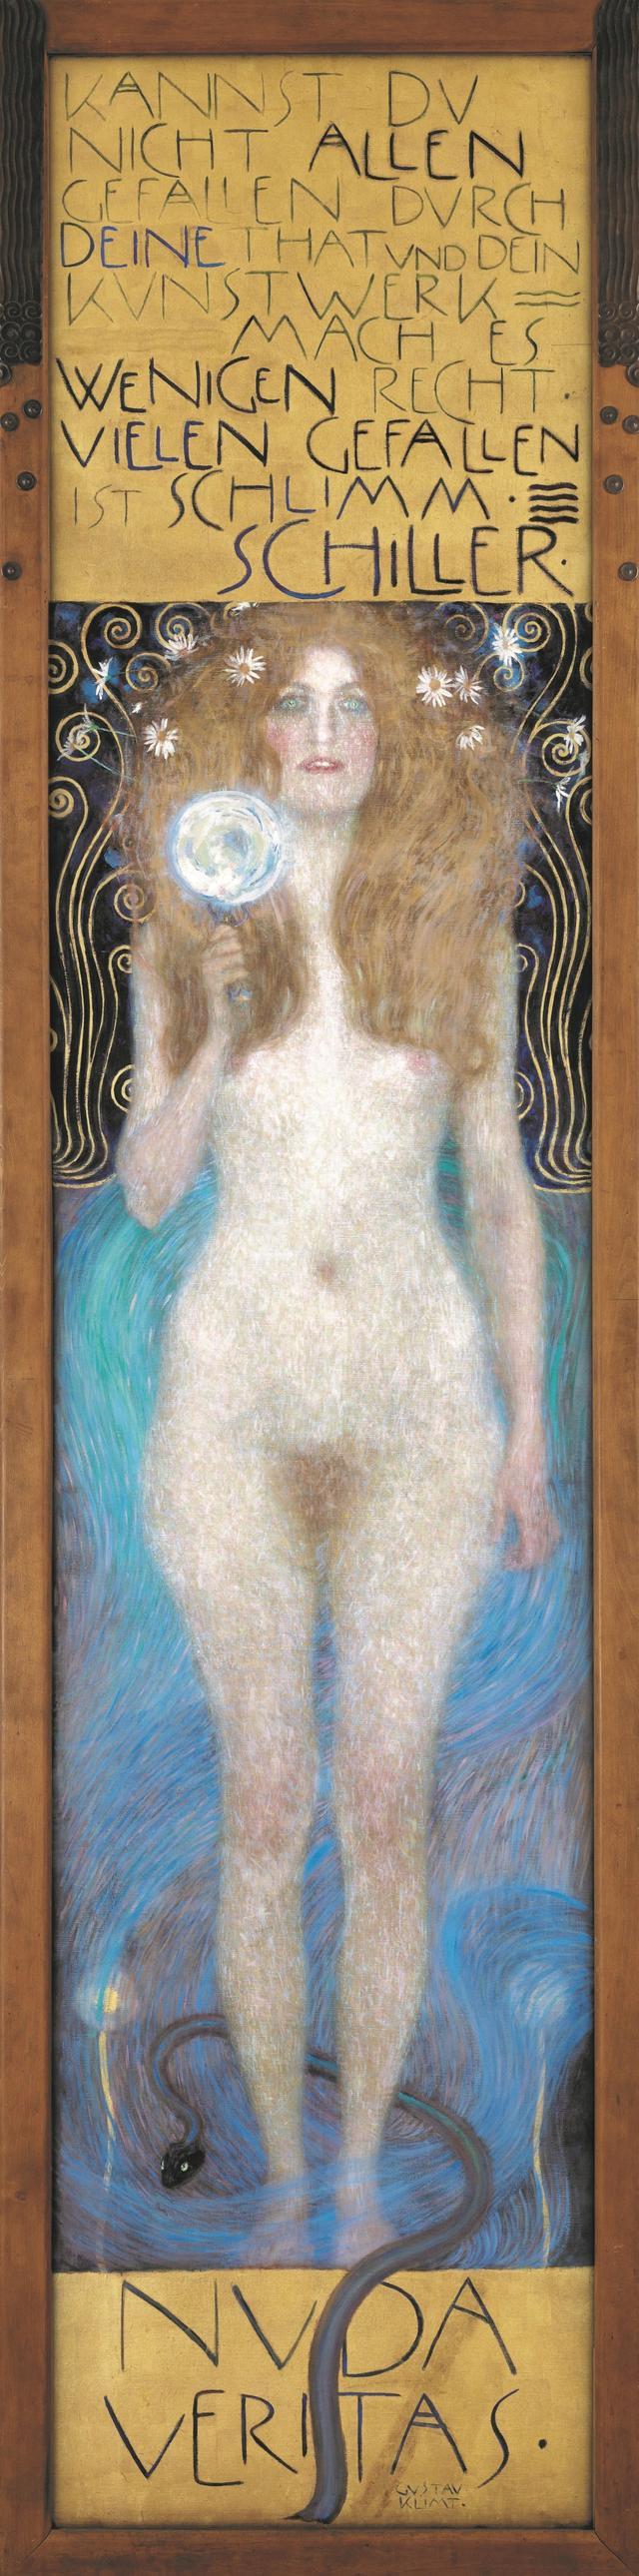 画像: グスタフ・クリムト《ヌーダ・ヴェリタス(裸の真実)》 1899年 油彩、カンヴァス 244×56.5cm オーストリア演劇博物館 © KHM-Museumsverband, Theatermuseum Vienna